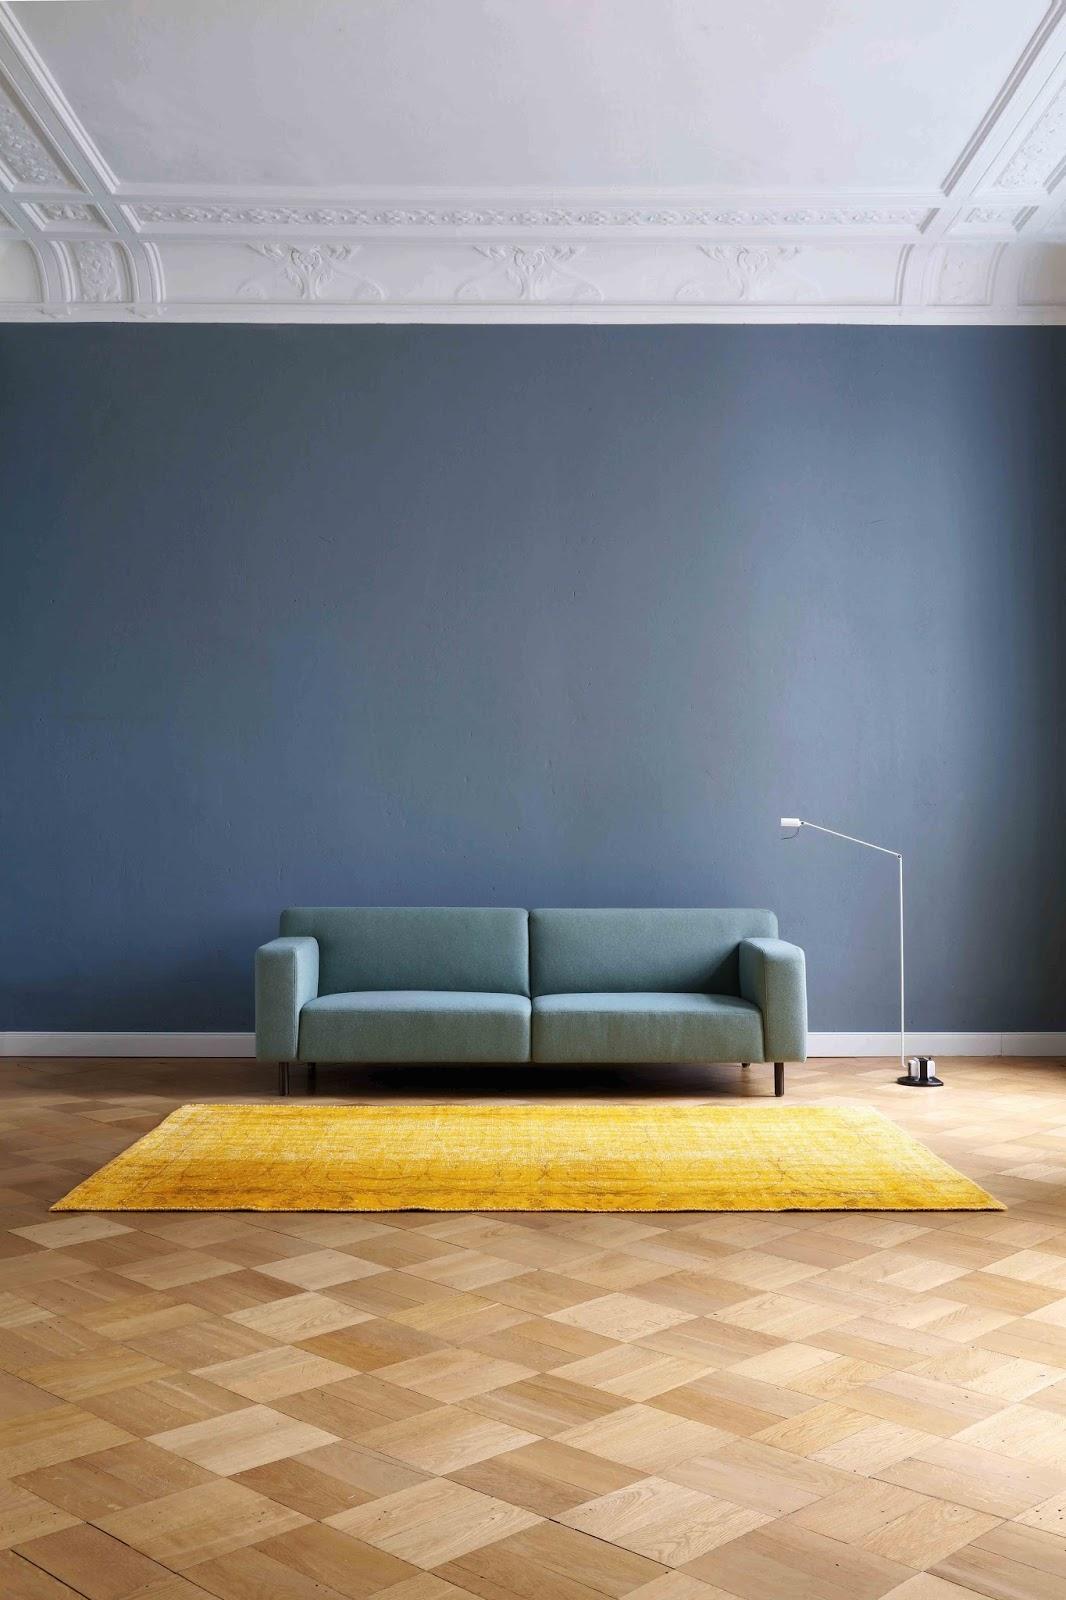 gute laune macher sommerfarben von sitzfeld. Black Bedroom Furniture Sets. Home Design Ideas